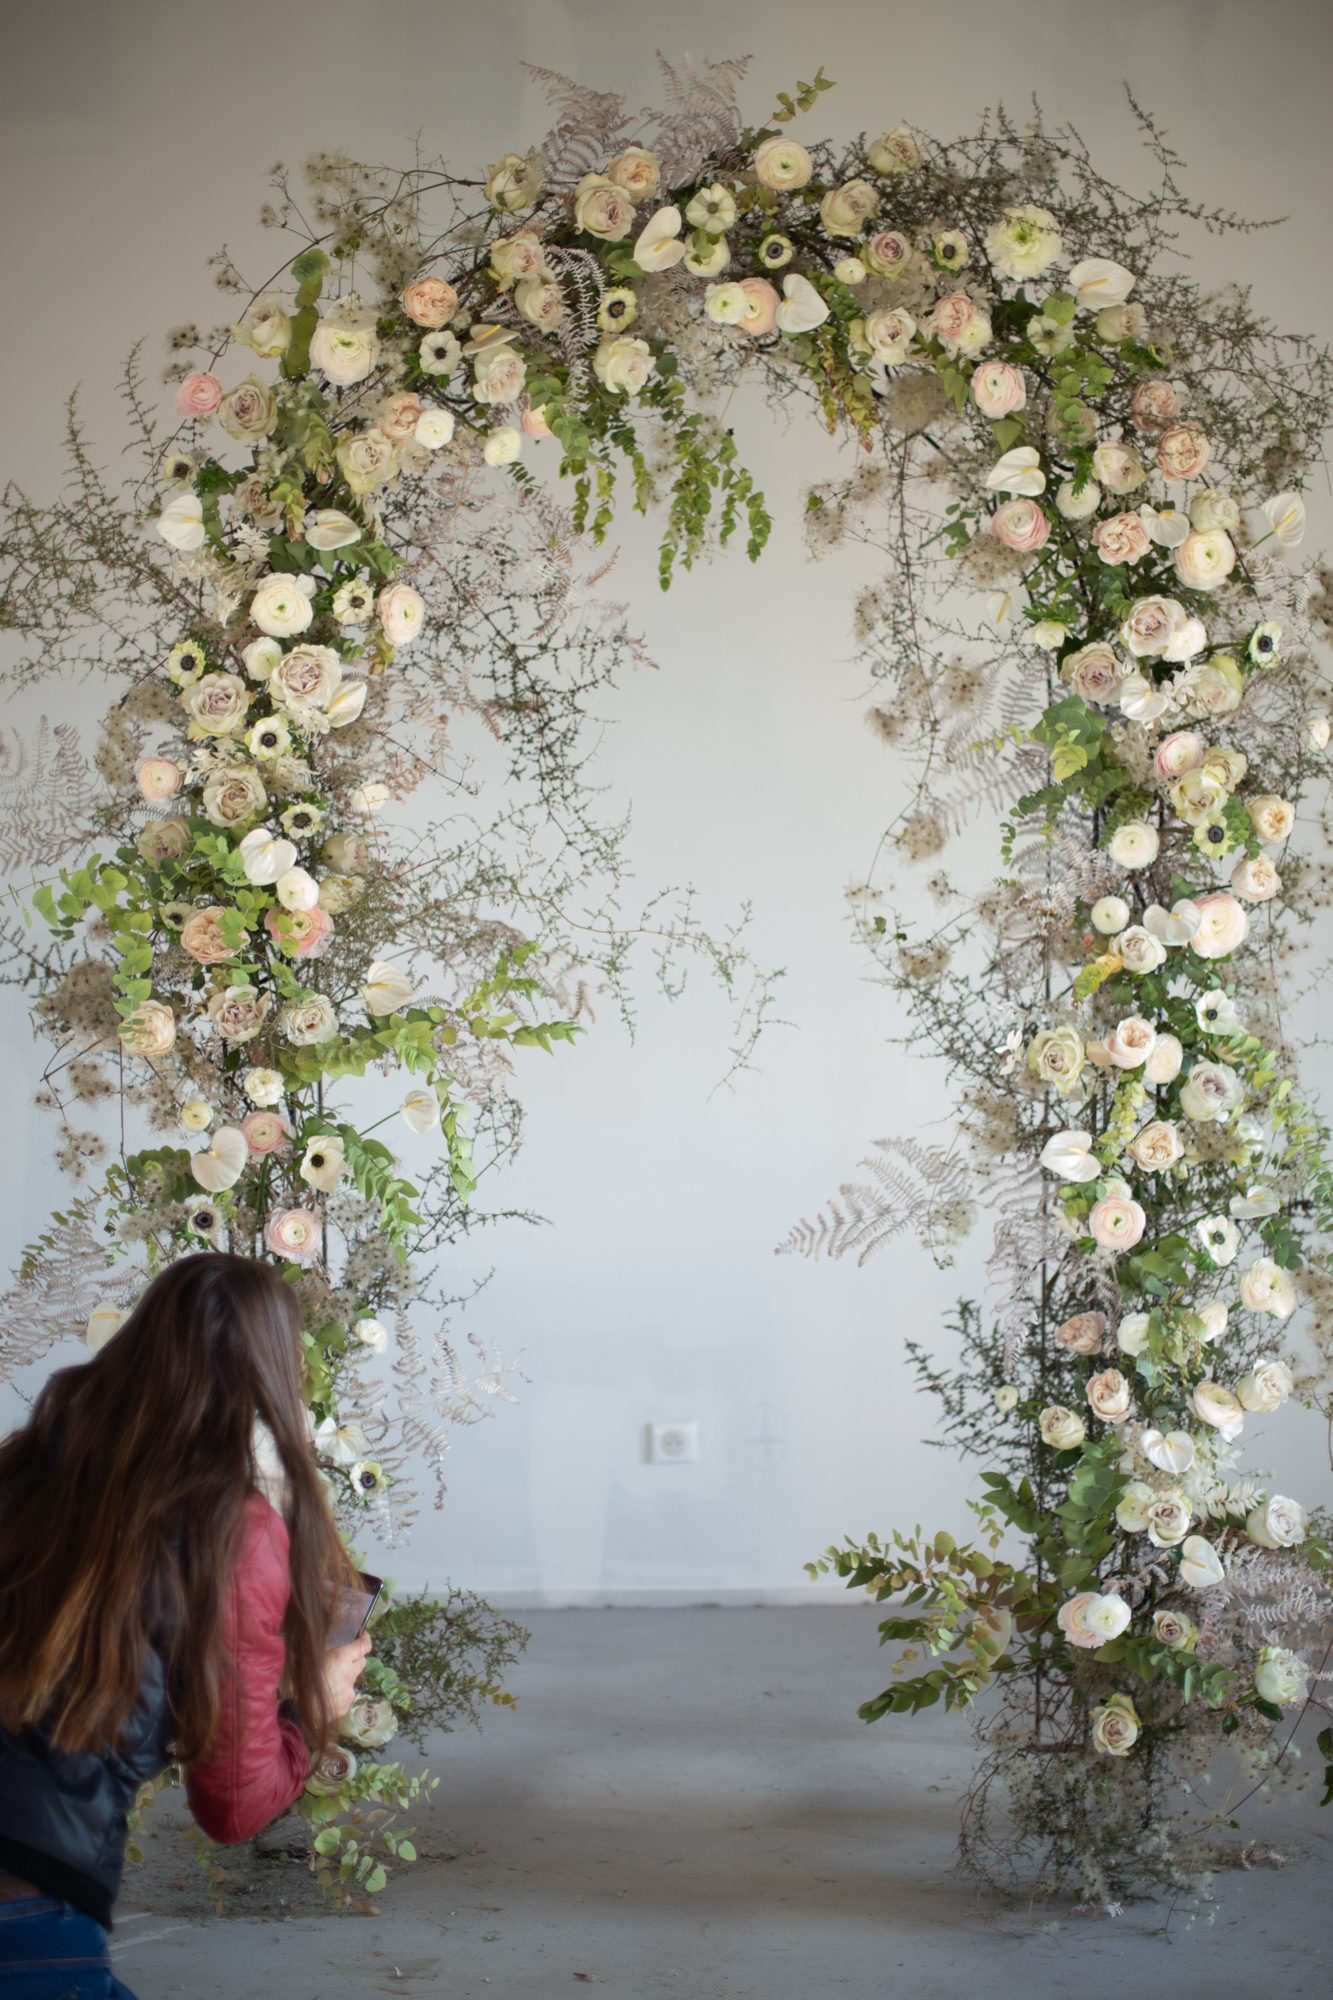 Arche florale - Workshop one to one pour fleuriste